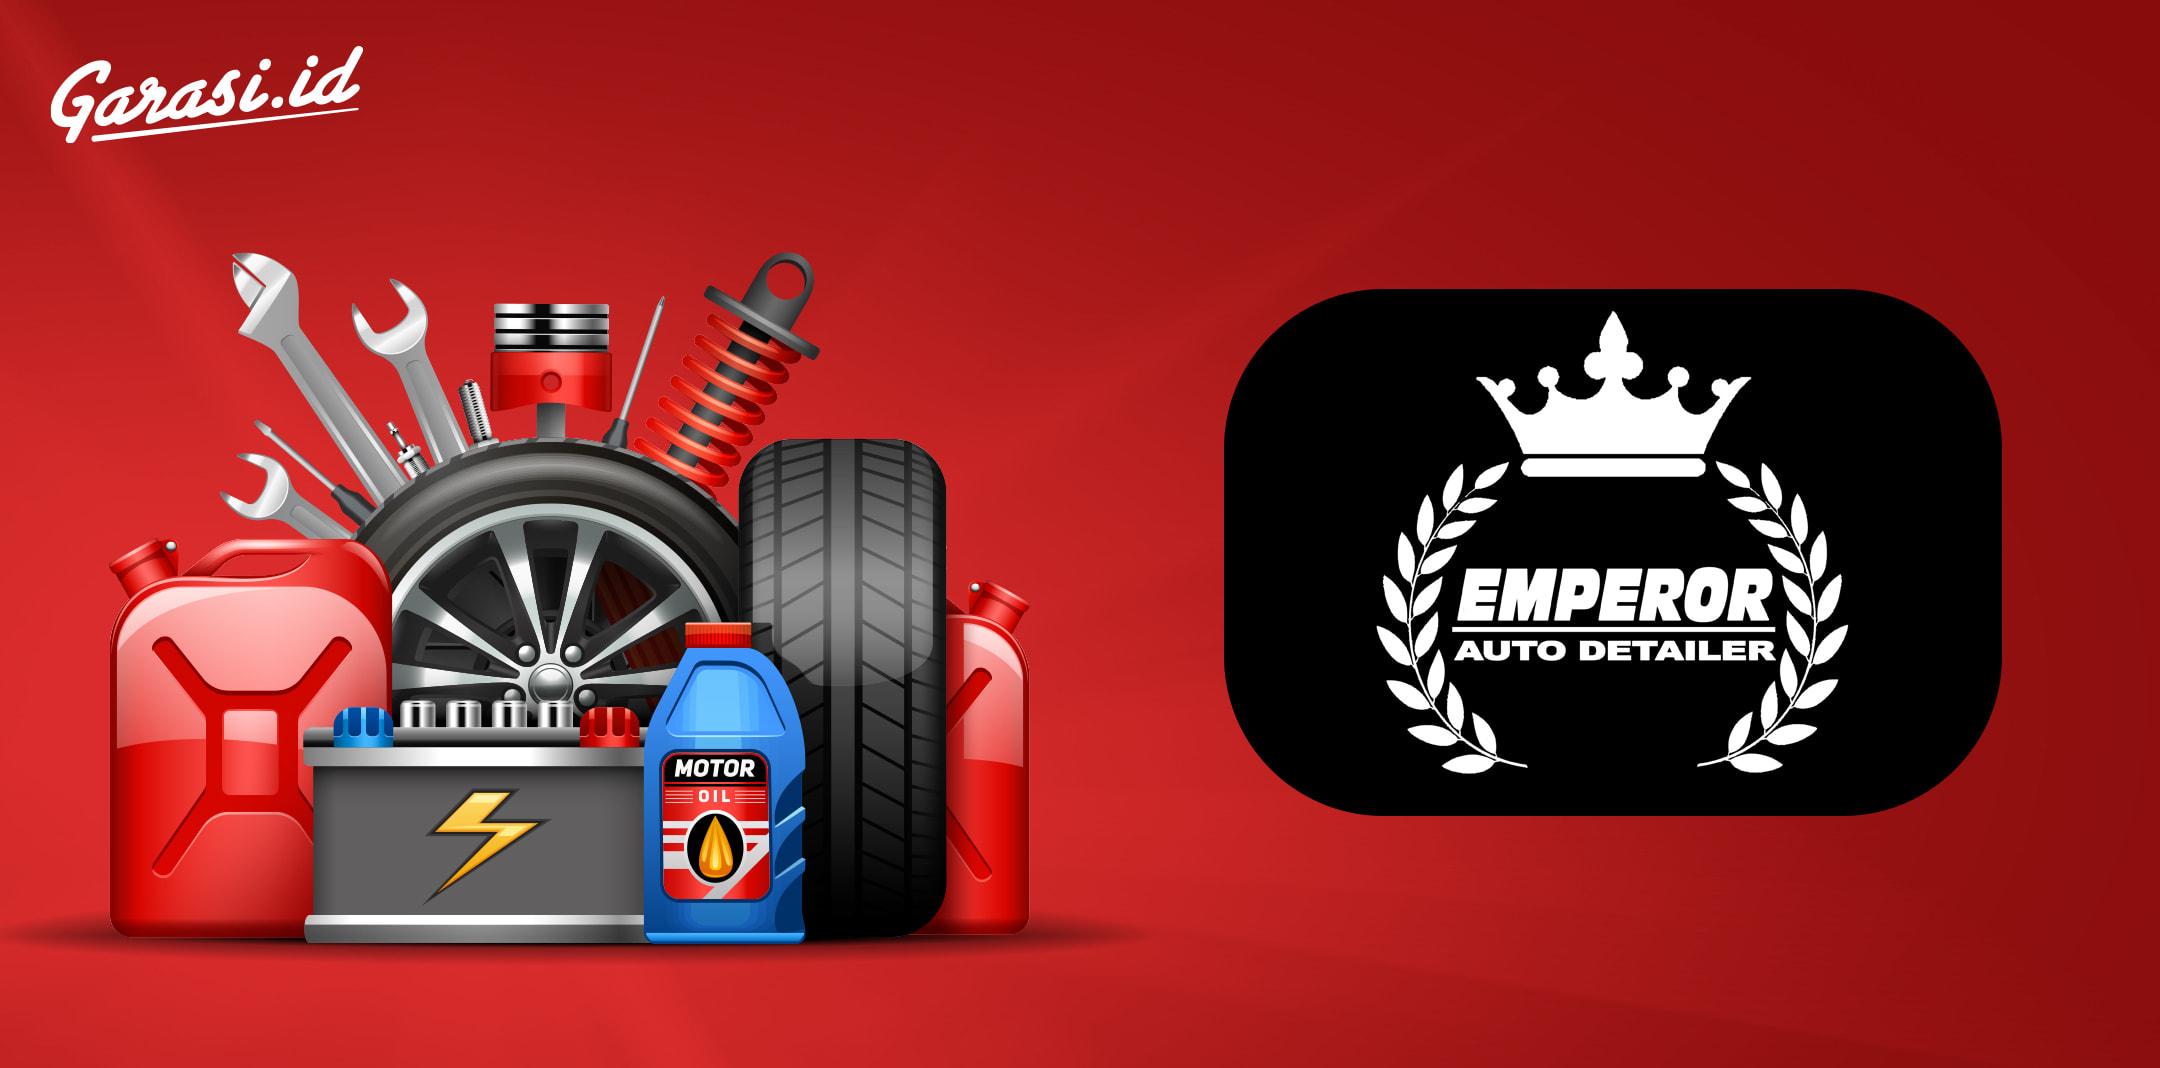 Emperor Auto Detailer